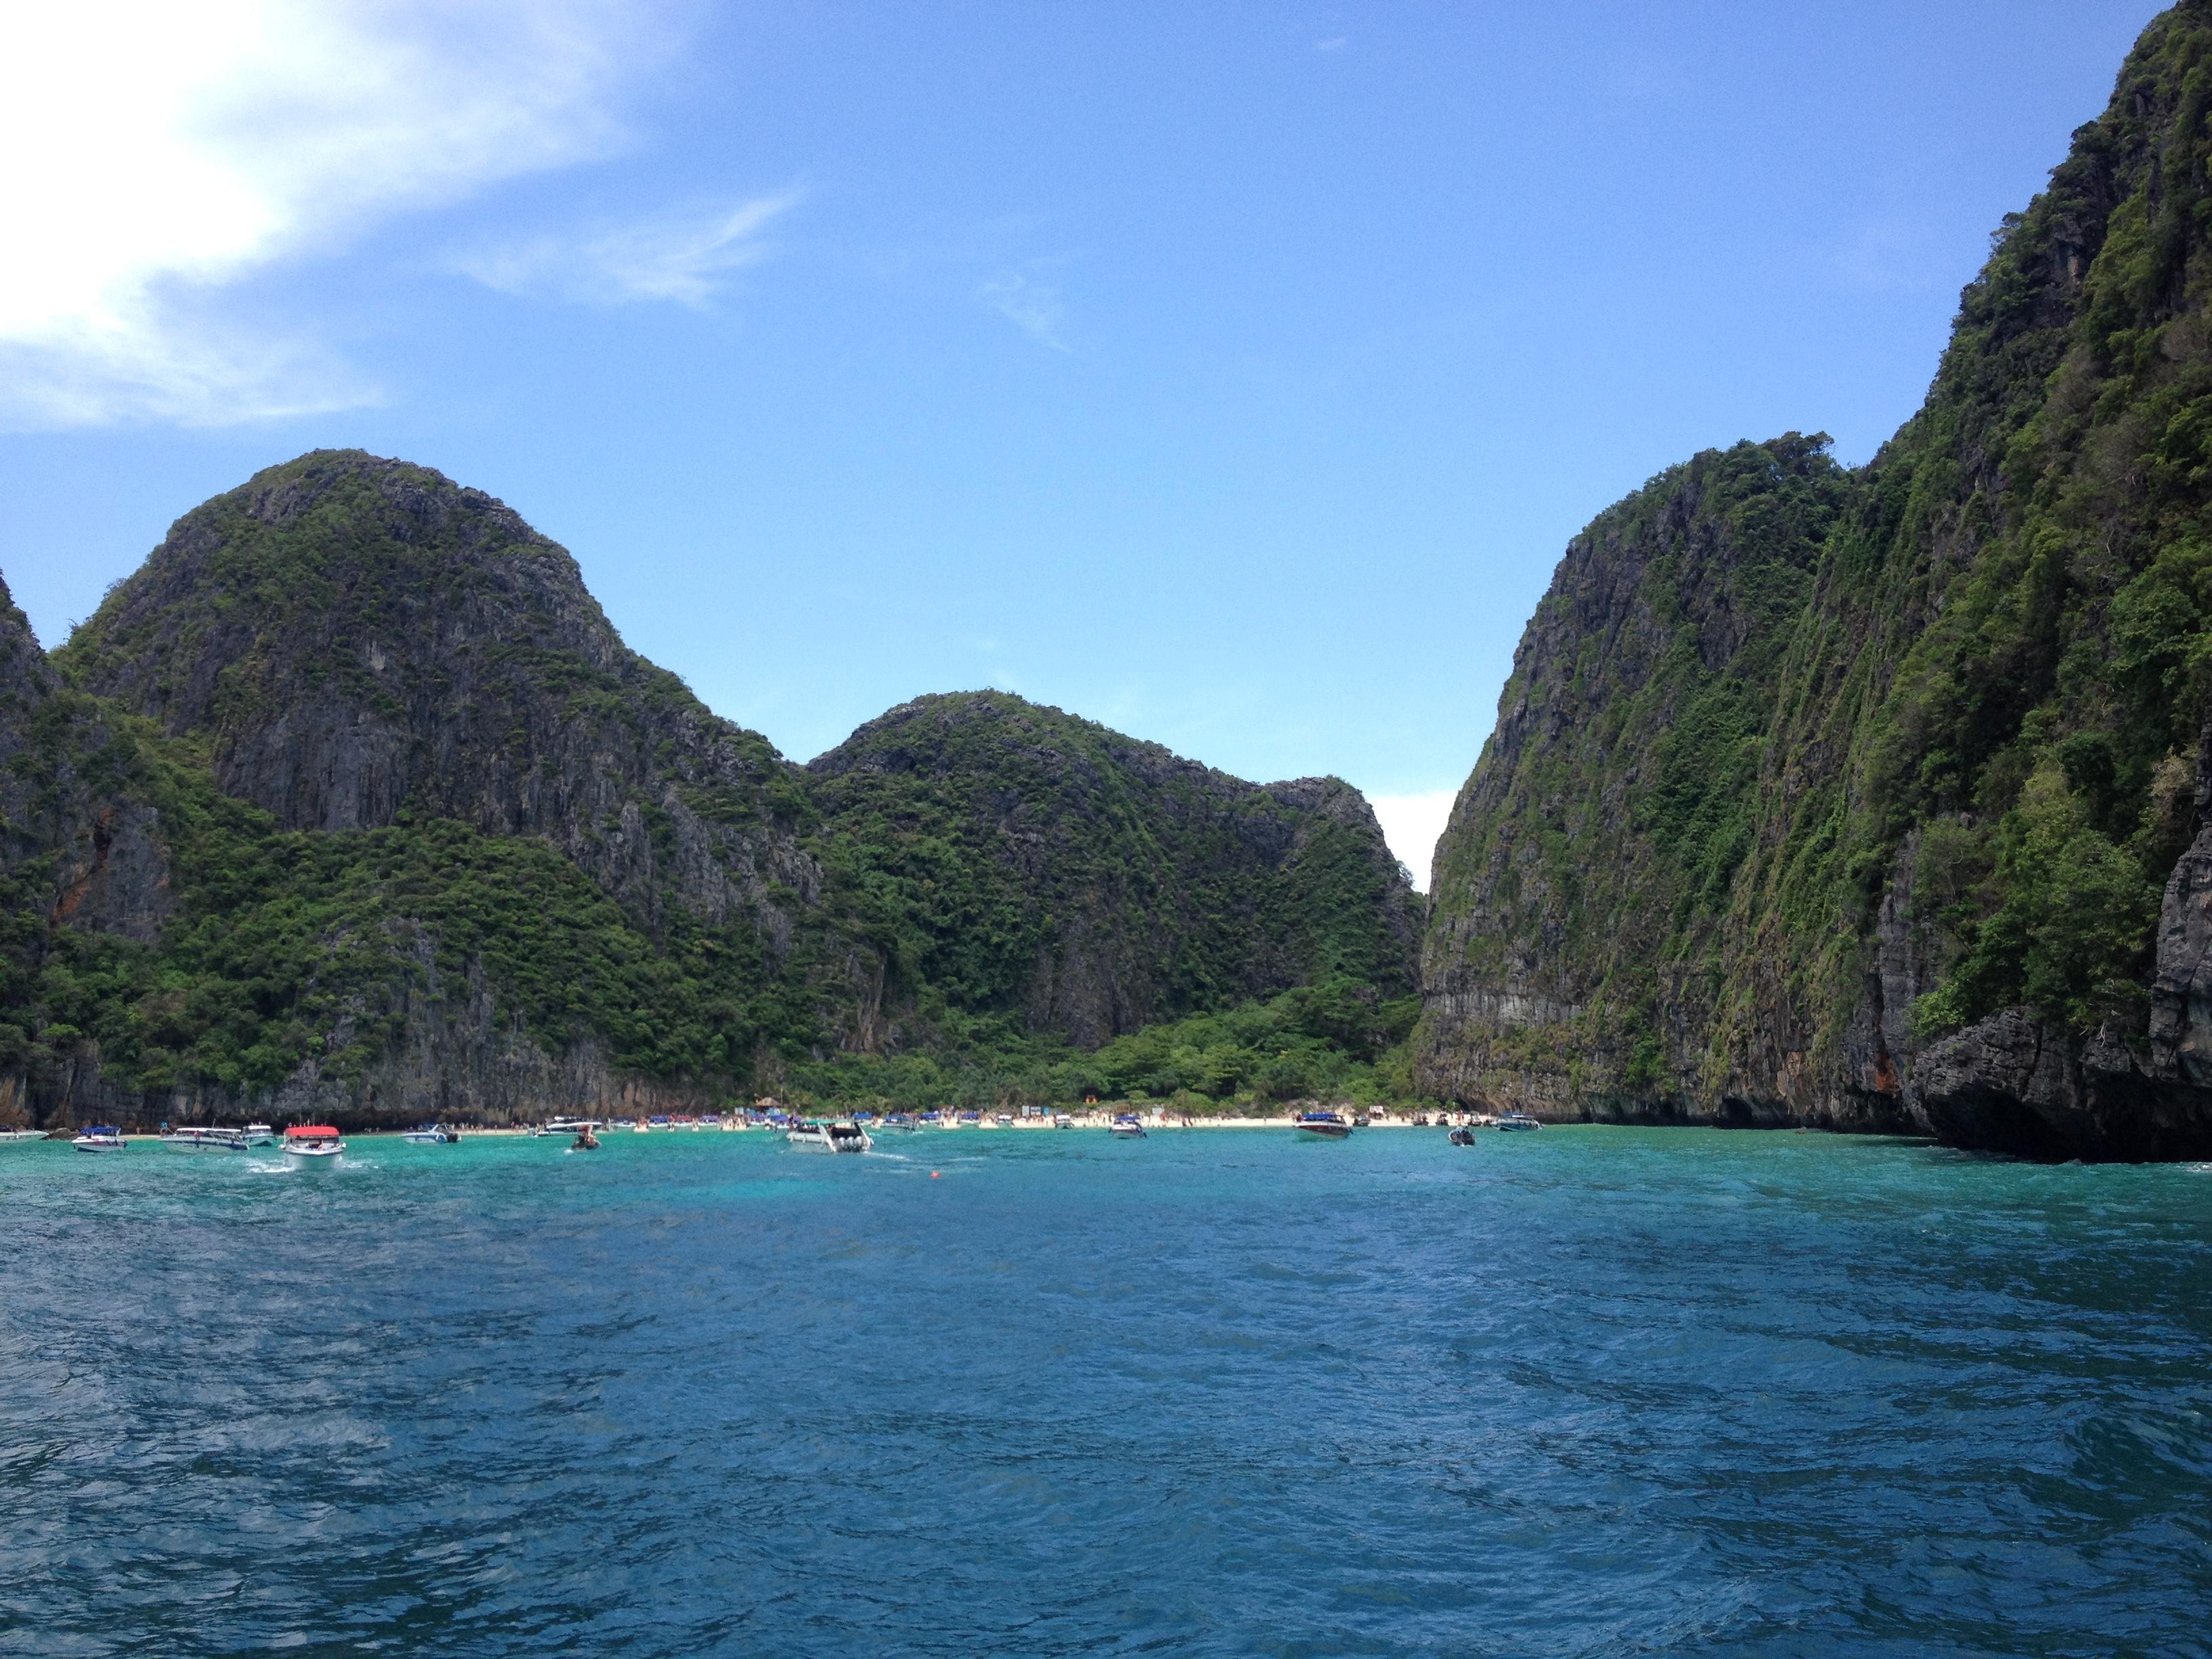 お知らせ!ピピ島での体験ダイビング、ダイビングに関しまして